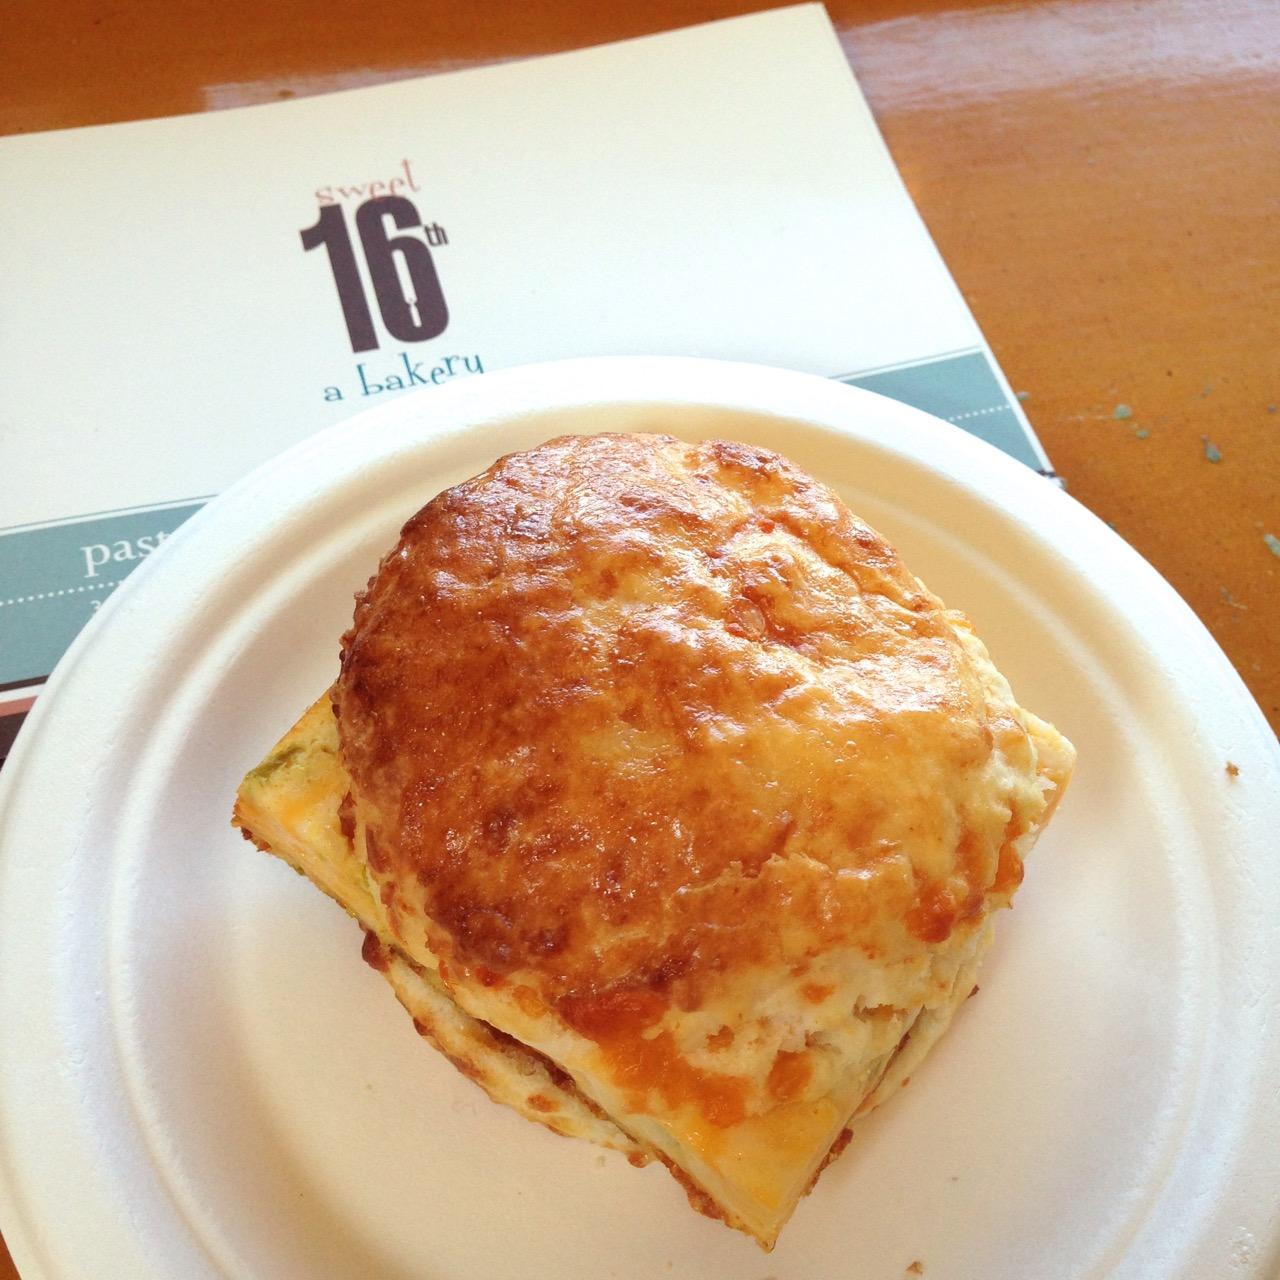 Sweet 16th a Bakery breakfast sandwich